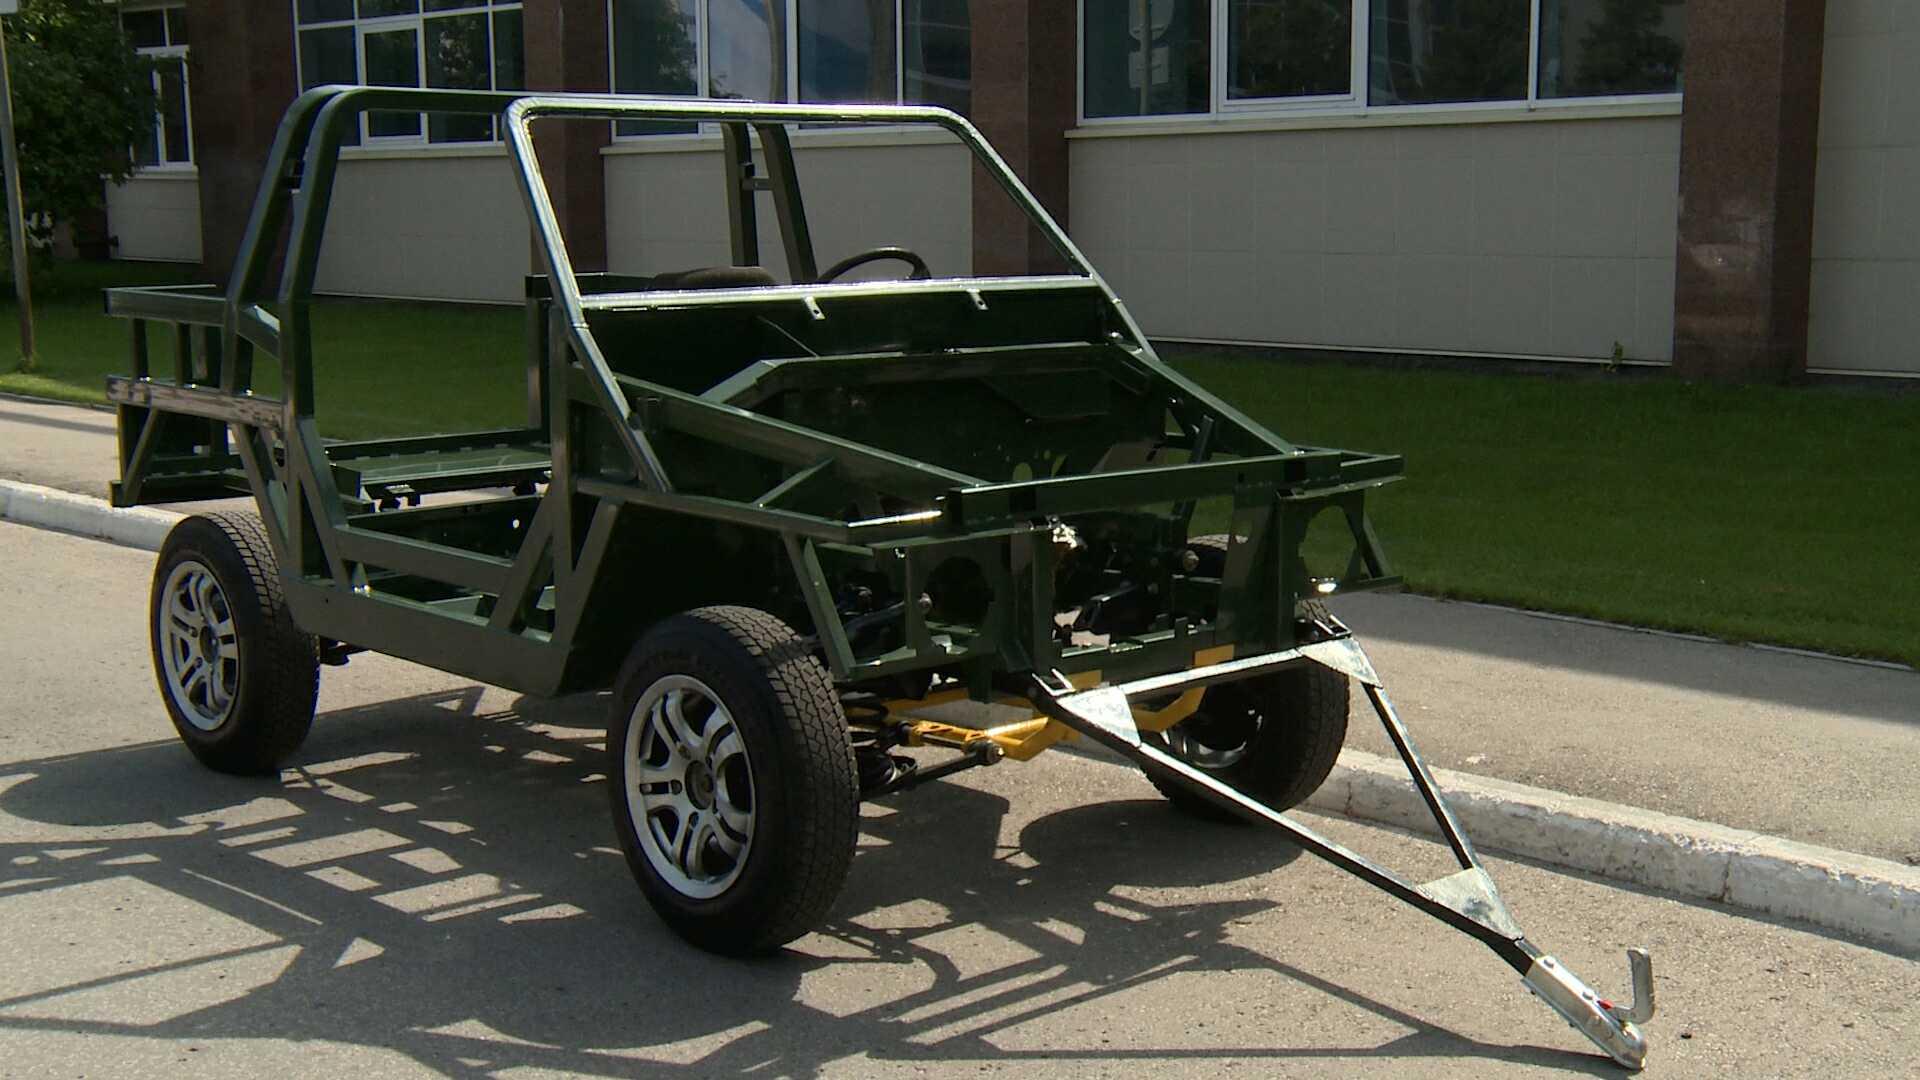 """Возило ће први пут бити приказано јавности на војнотехничком форуму """"Армија-2017"""". Извор: Државни универзитет у Тољатију"""